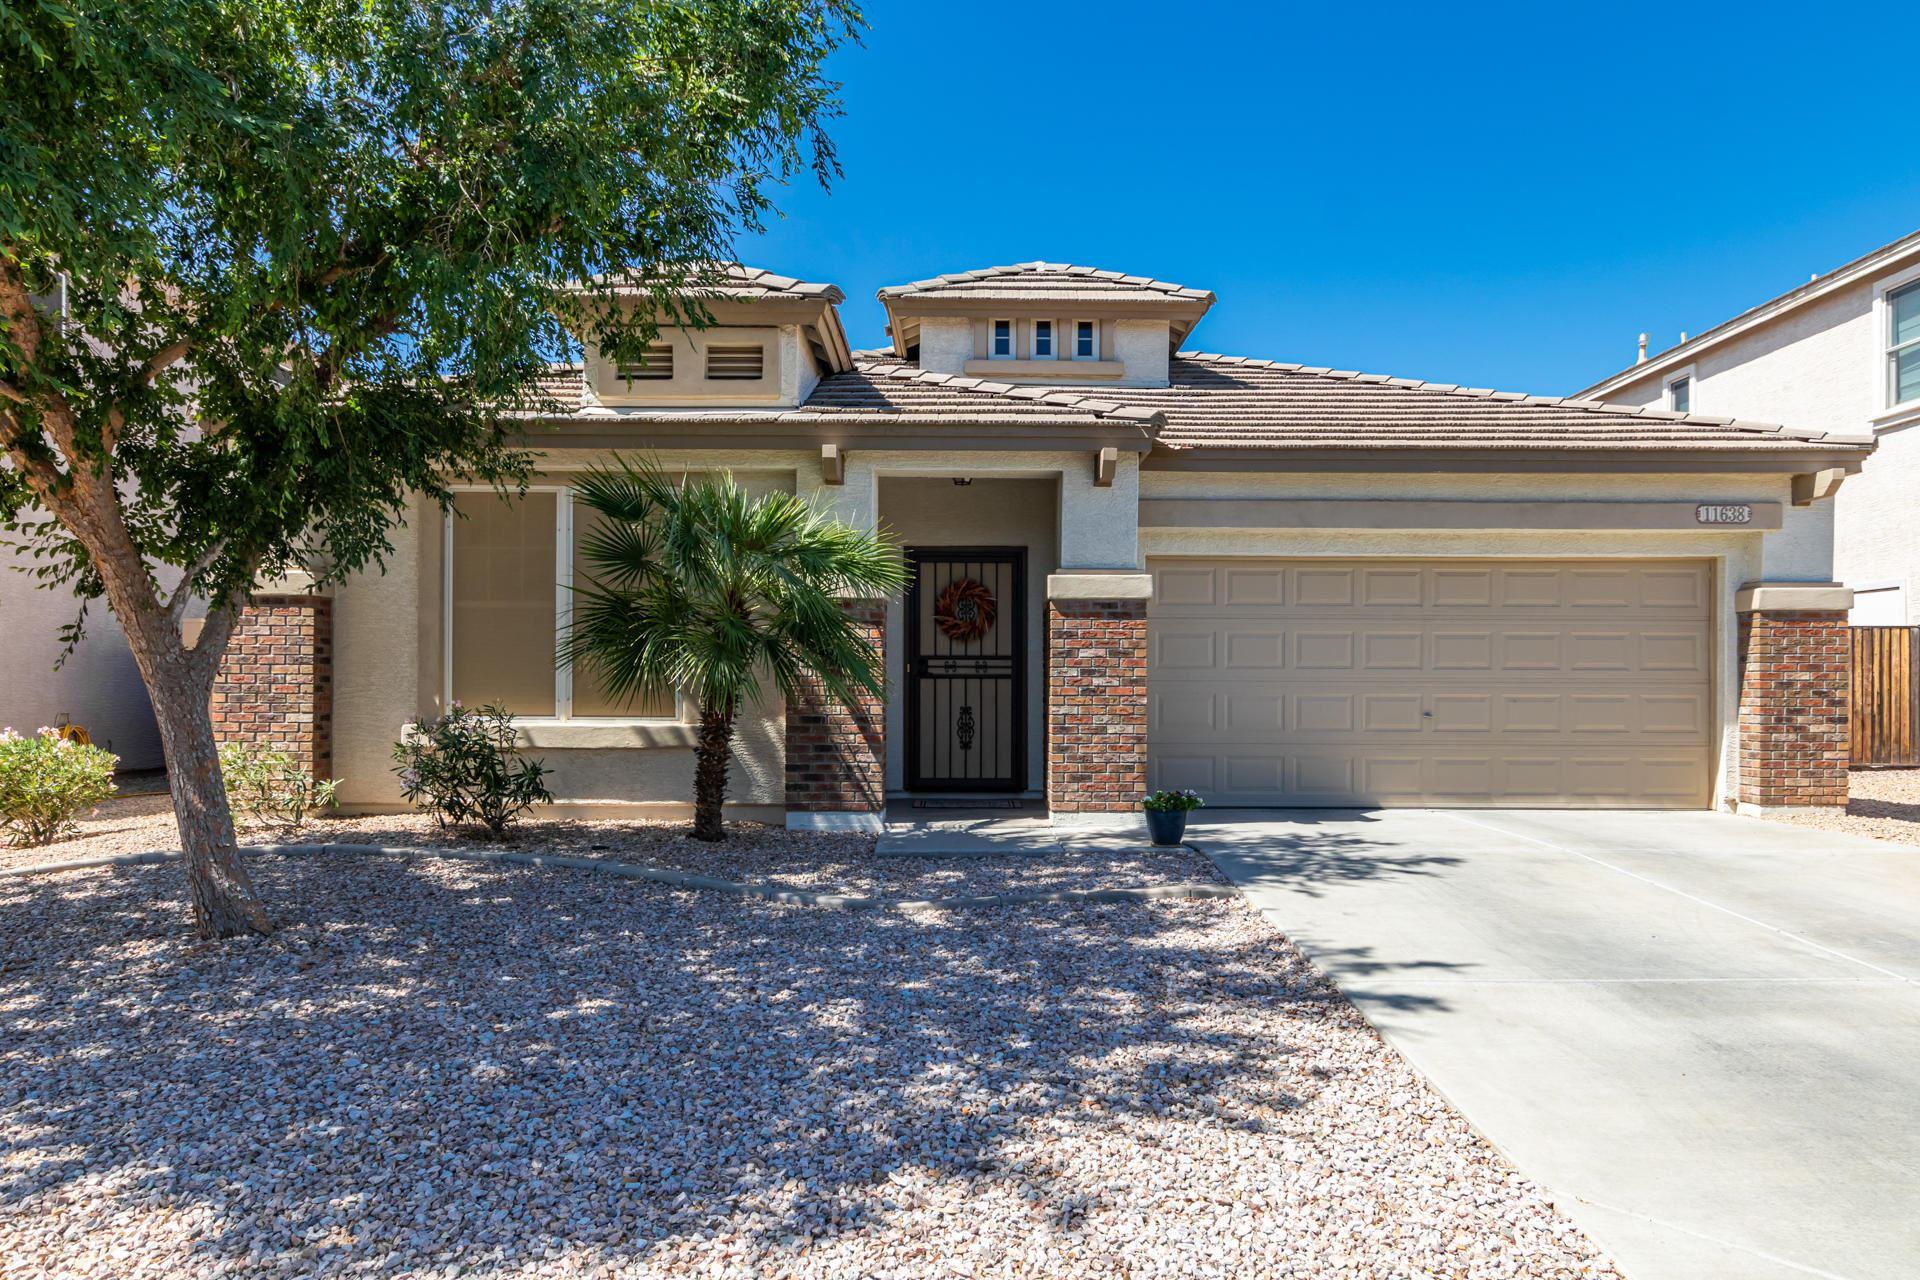 11638 N 151ST Drive, Surprise, AZ 85379 - #: 6232635